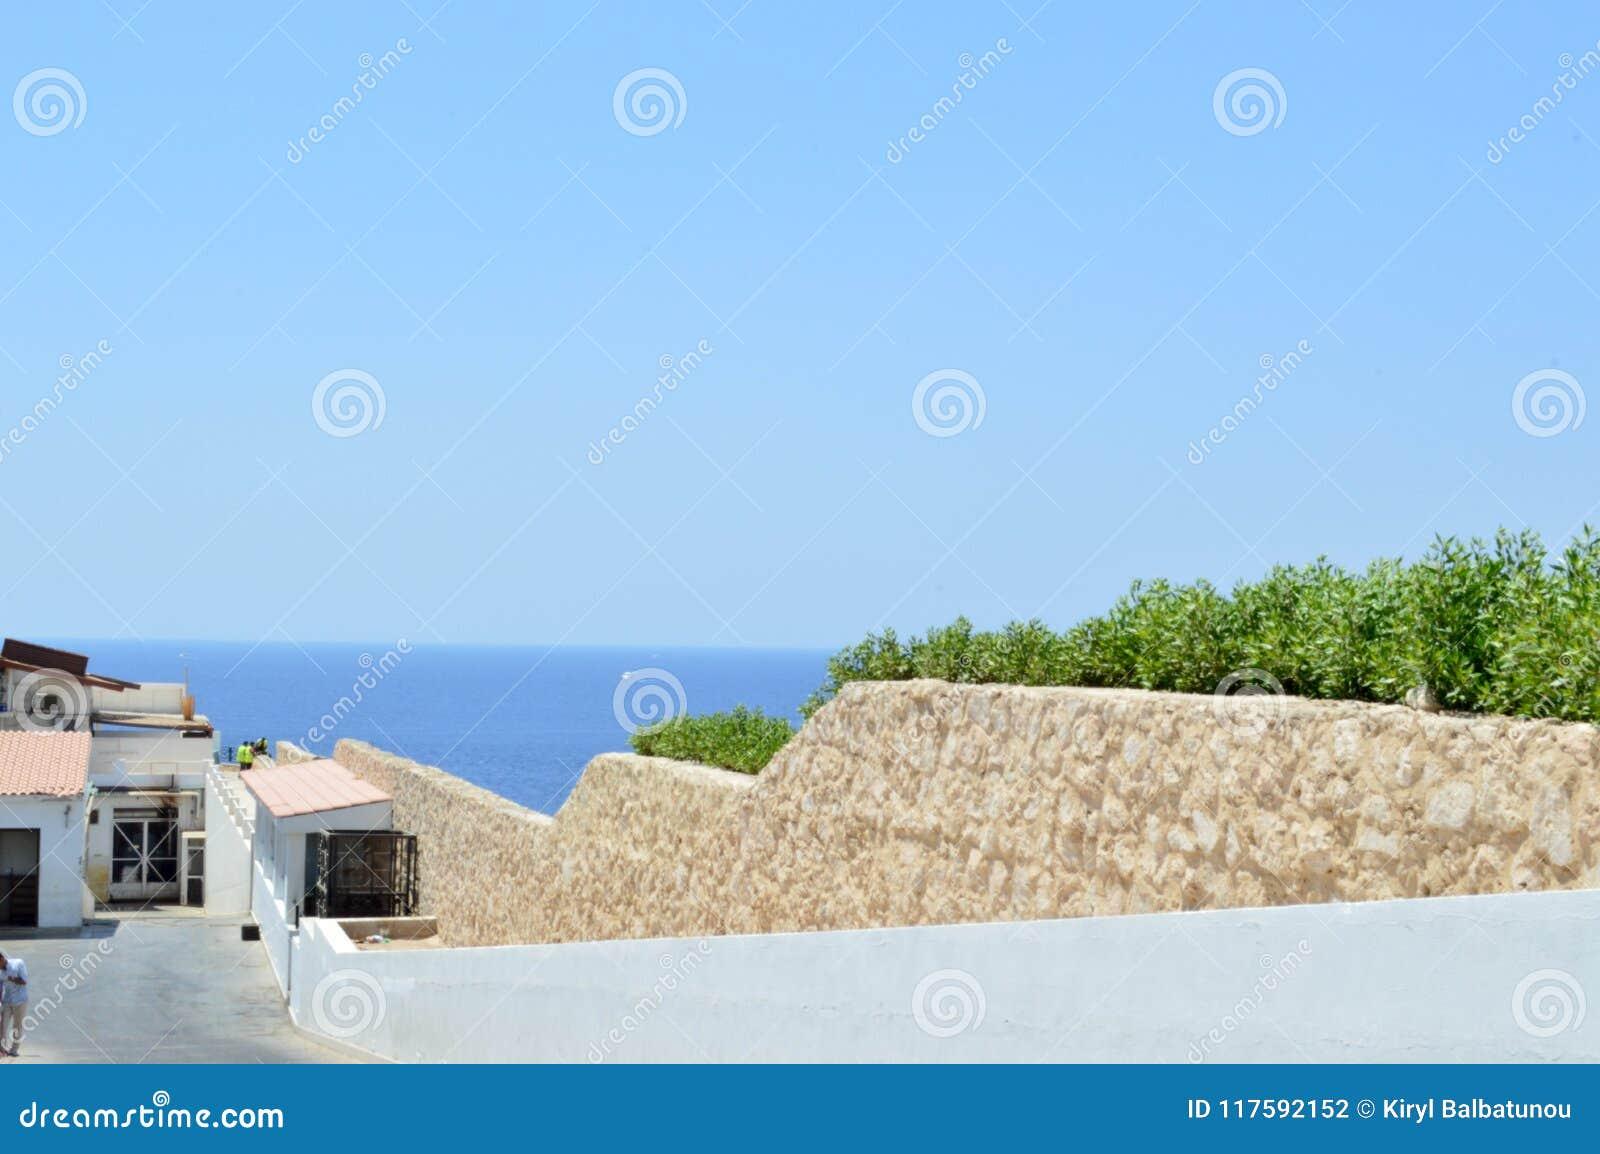 Pared de piedra que desciende abajo al mar con agua azul en un centro turístico tropical y a un edificio blanco con un tejado de